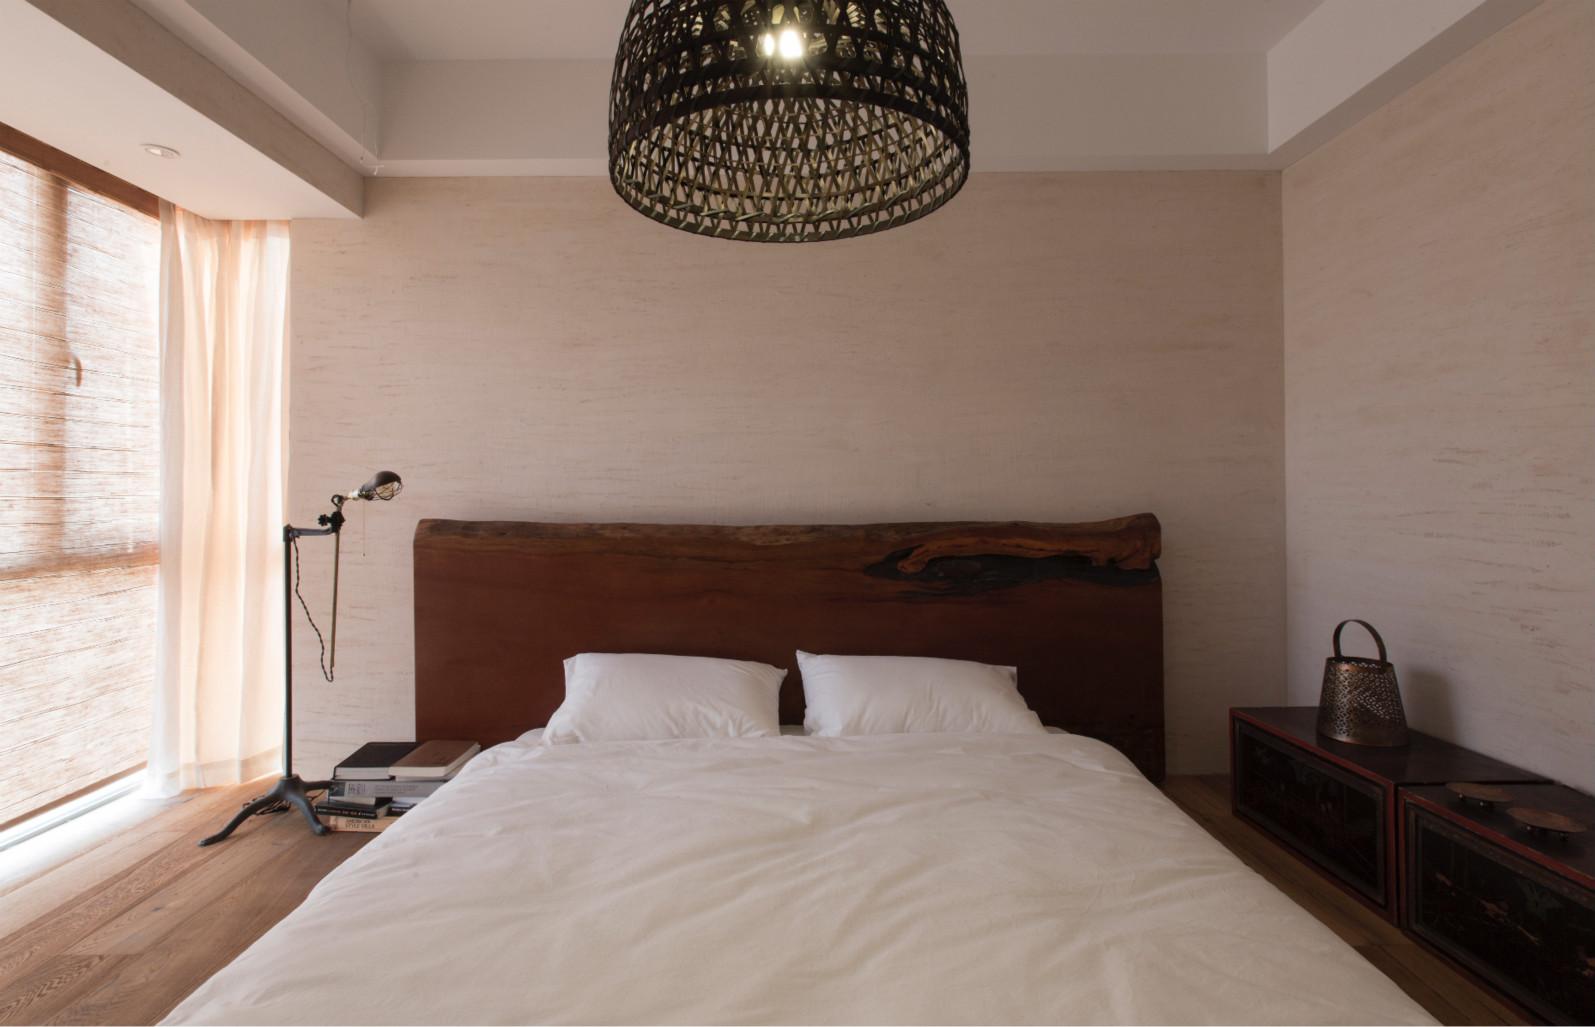 主卧里自然也是延续了原木的风格,原木的地板,原木的床,搭配白色的床品,清新又很有品味,